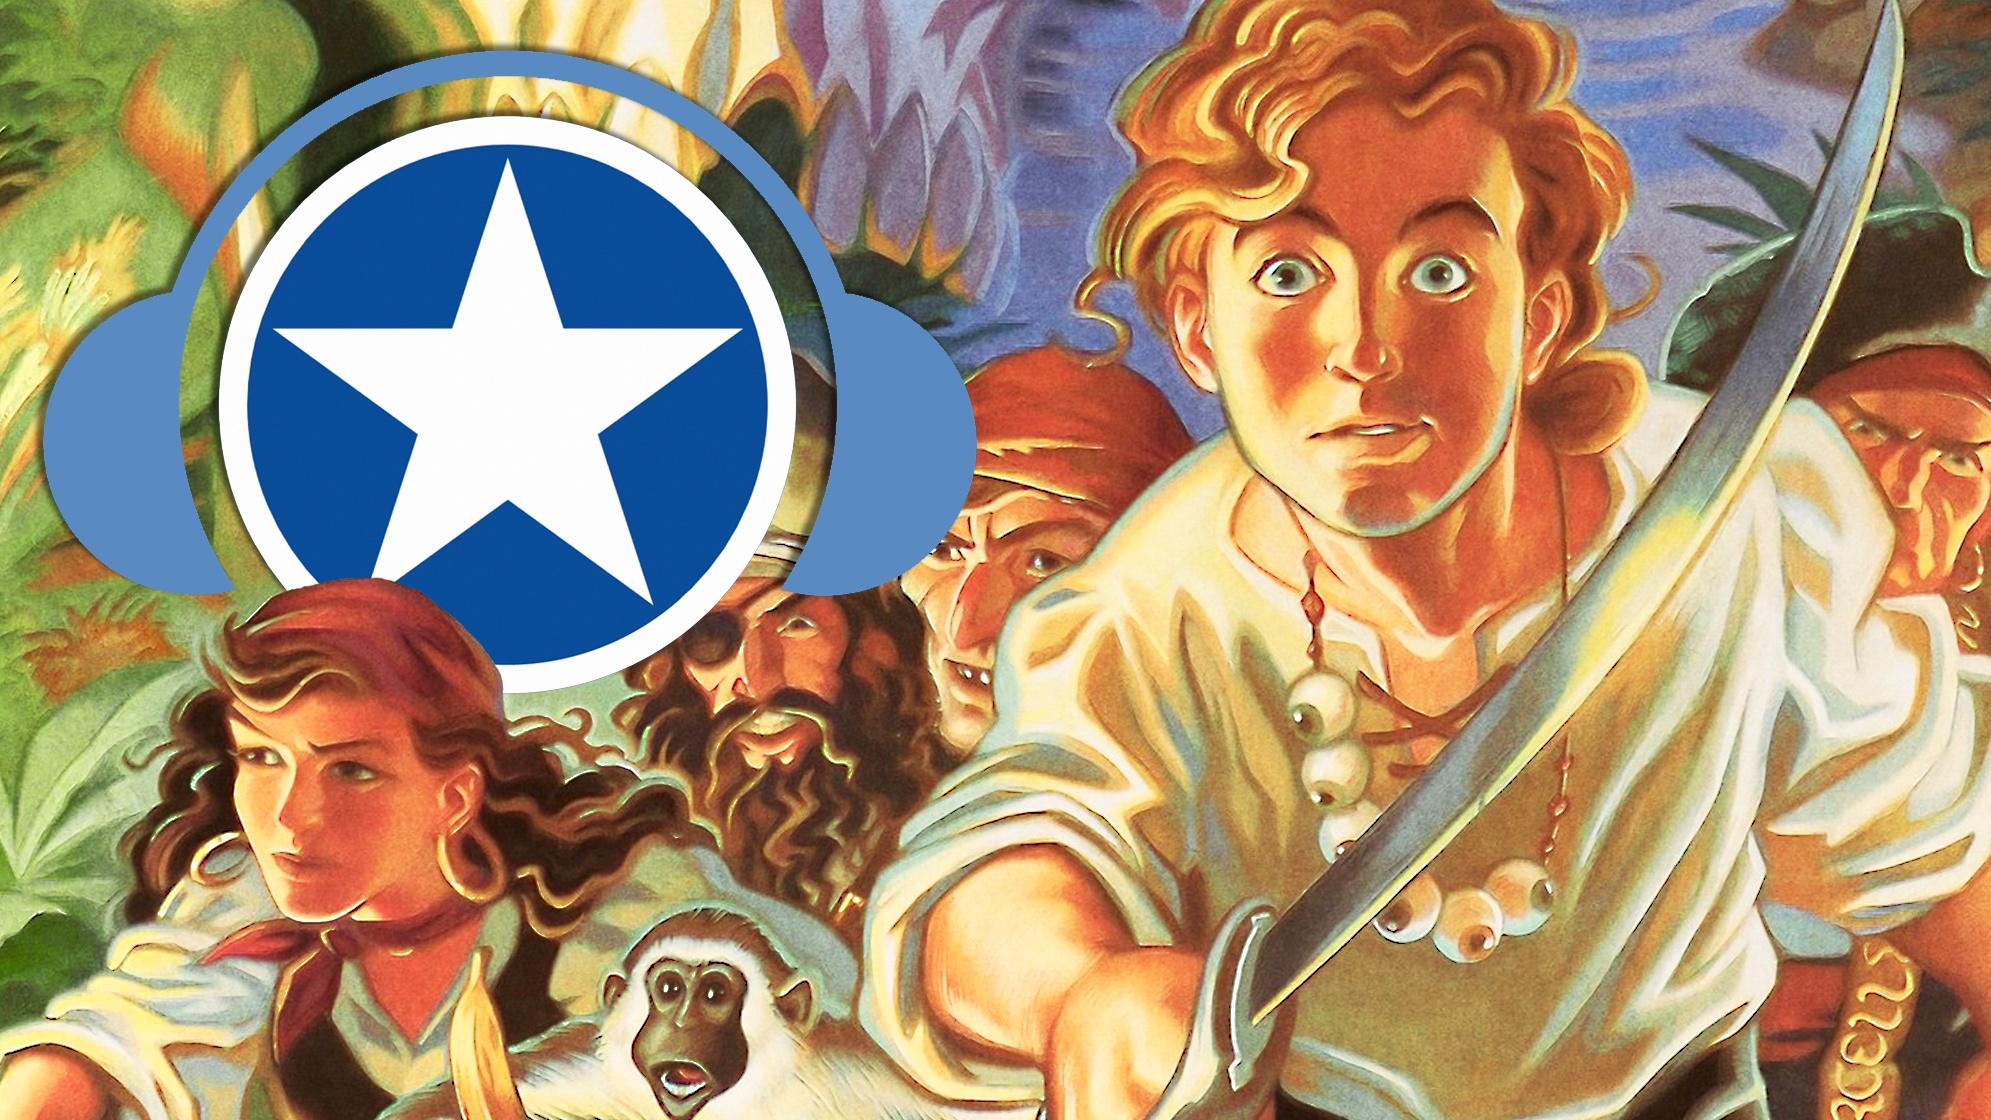 Der Fluch von Monkey Island: Haben Spiele-Entwickler den Witz verlernt?